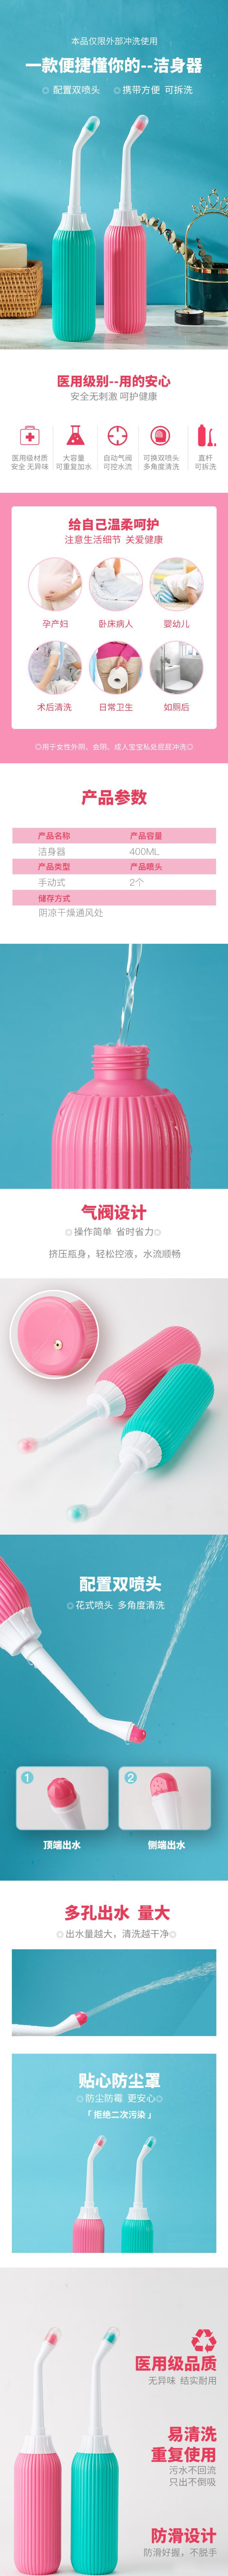 便携式妇洗器